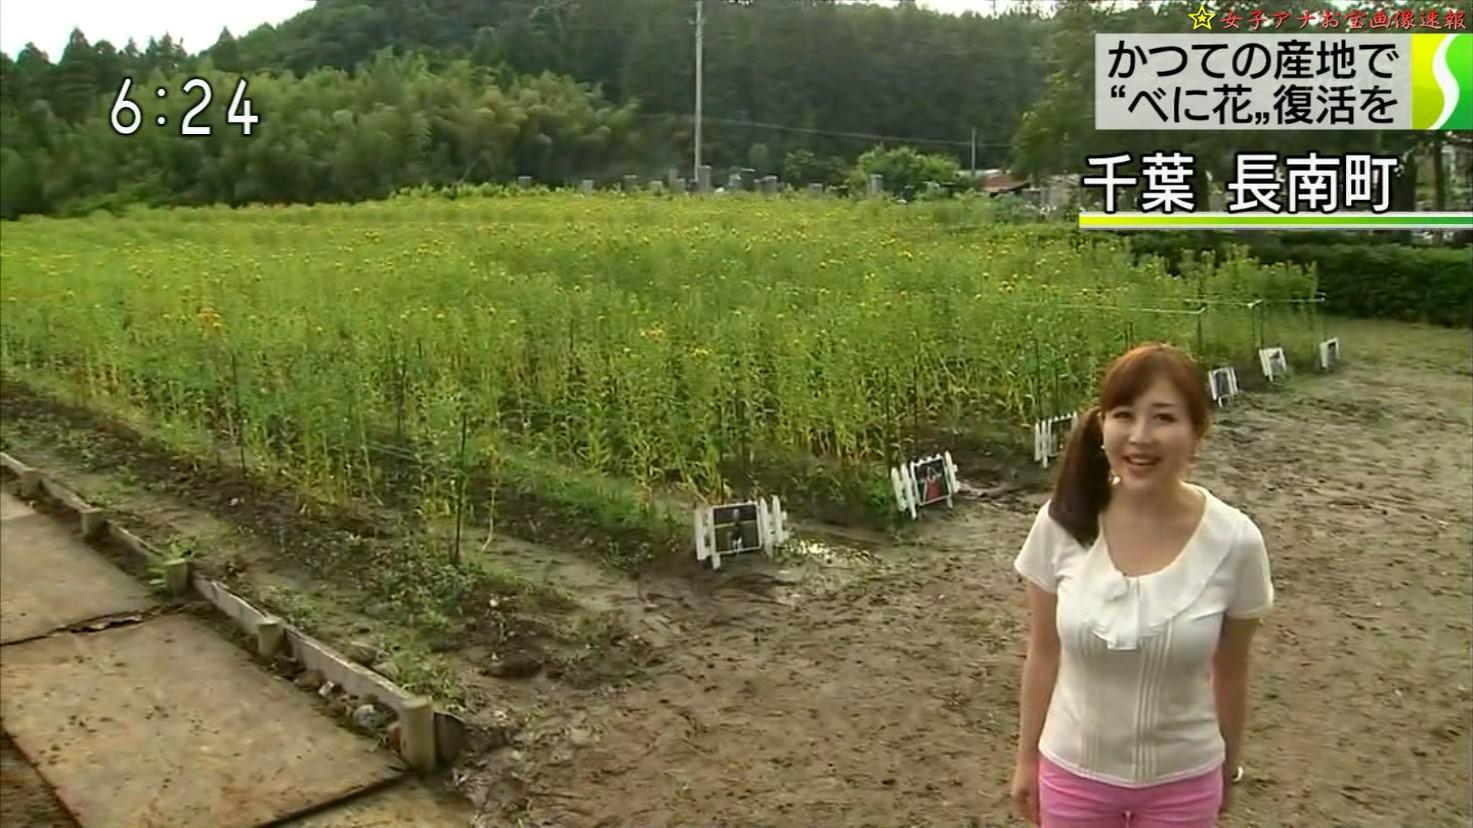 NHK千葉・小林若菜アナのおっぱいデケエエエ!Gカップ級www